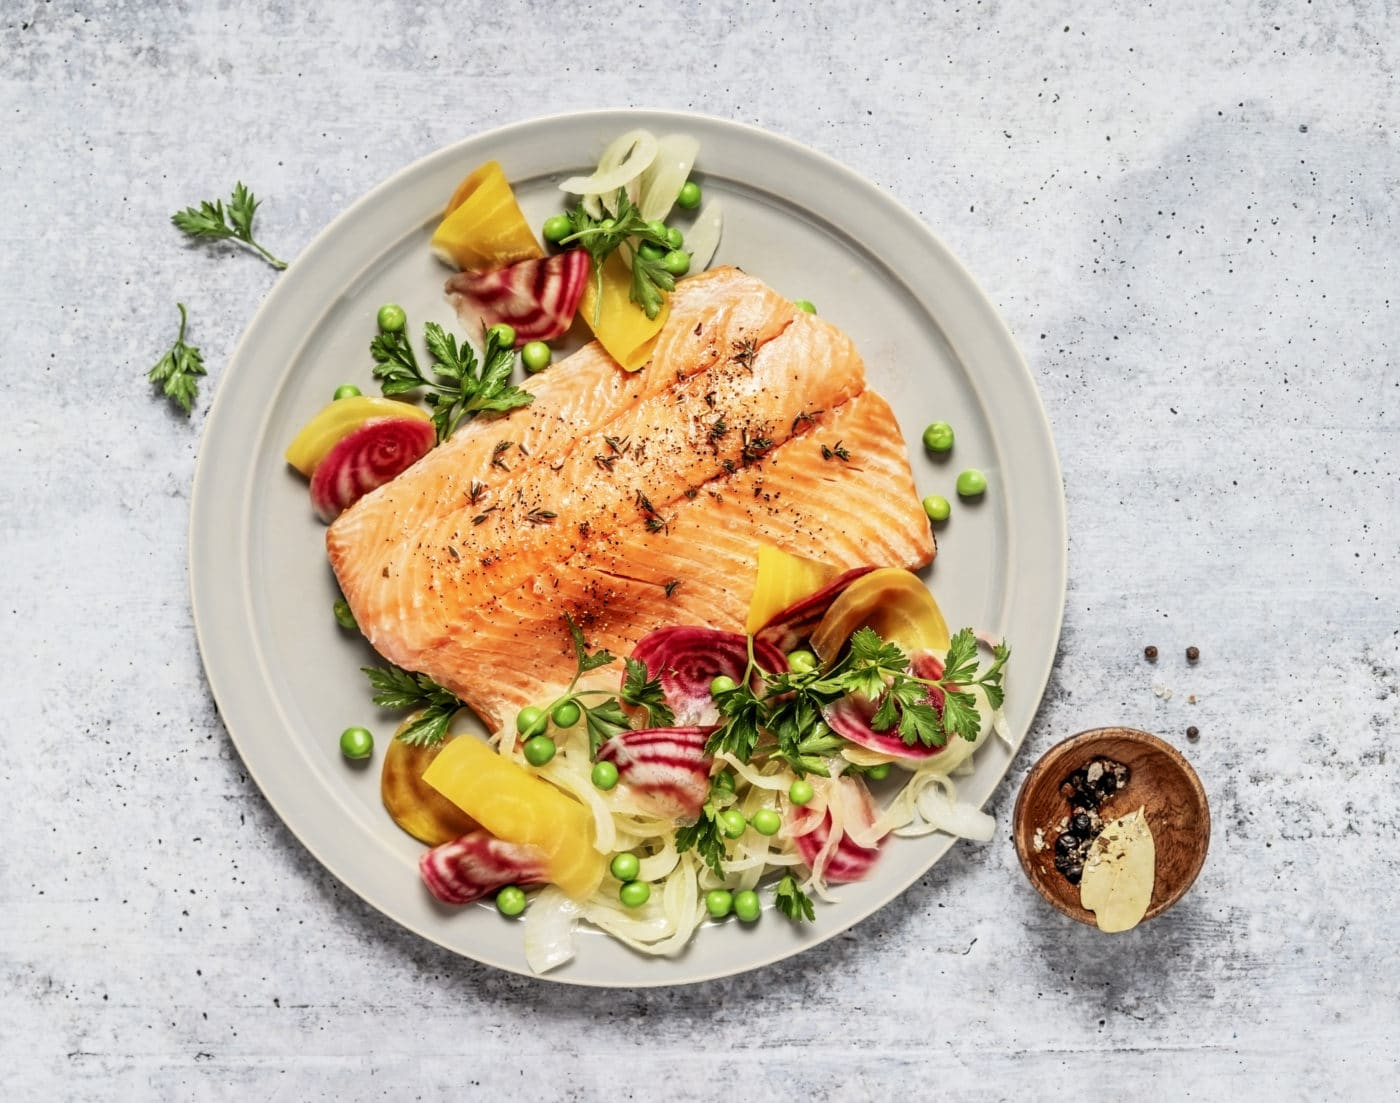 Tre gode grunner til å spise mer fisk